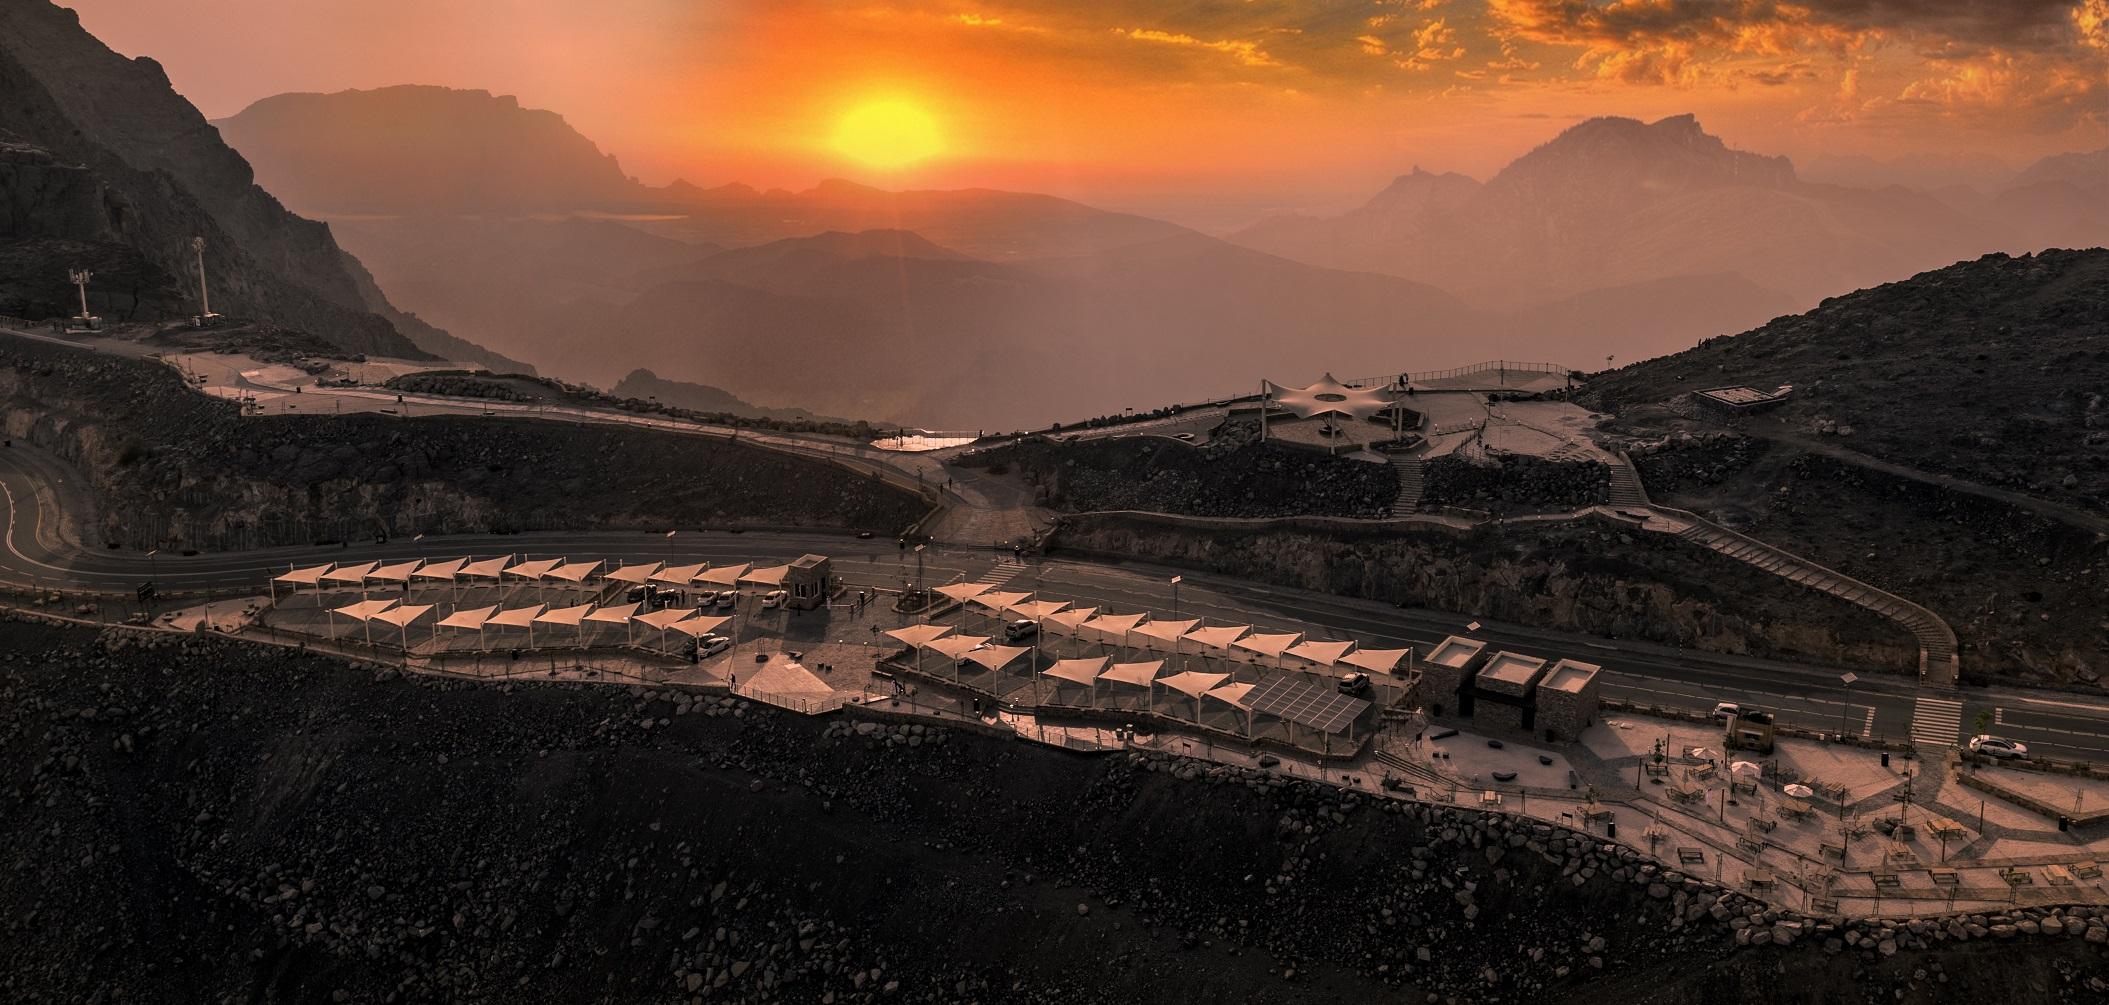 خدمة نقل جديدة للوصول إلى جبل جيس